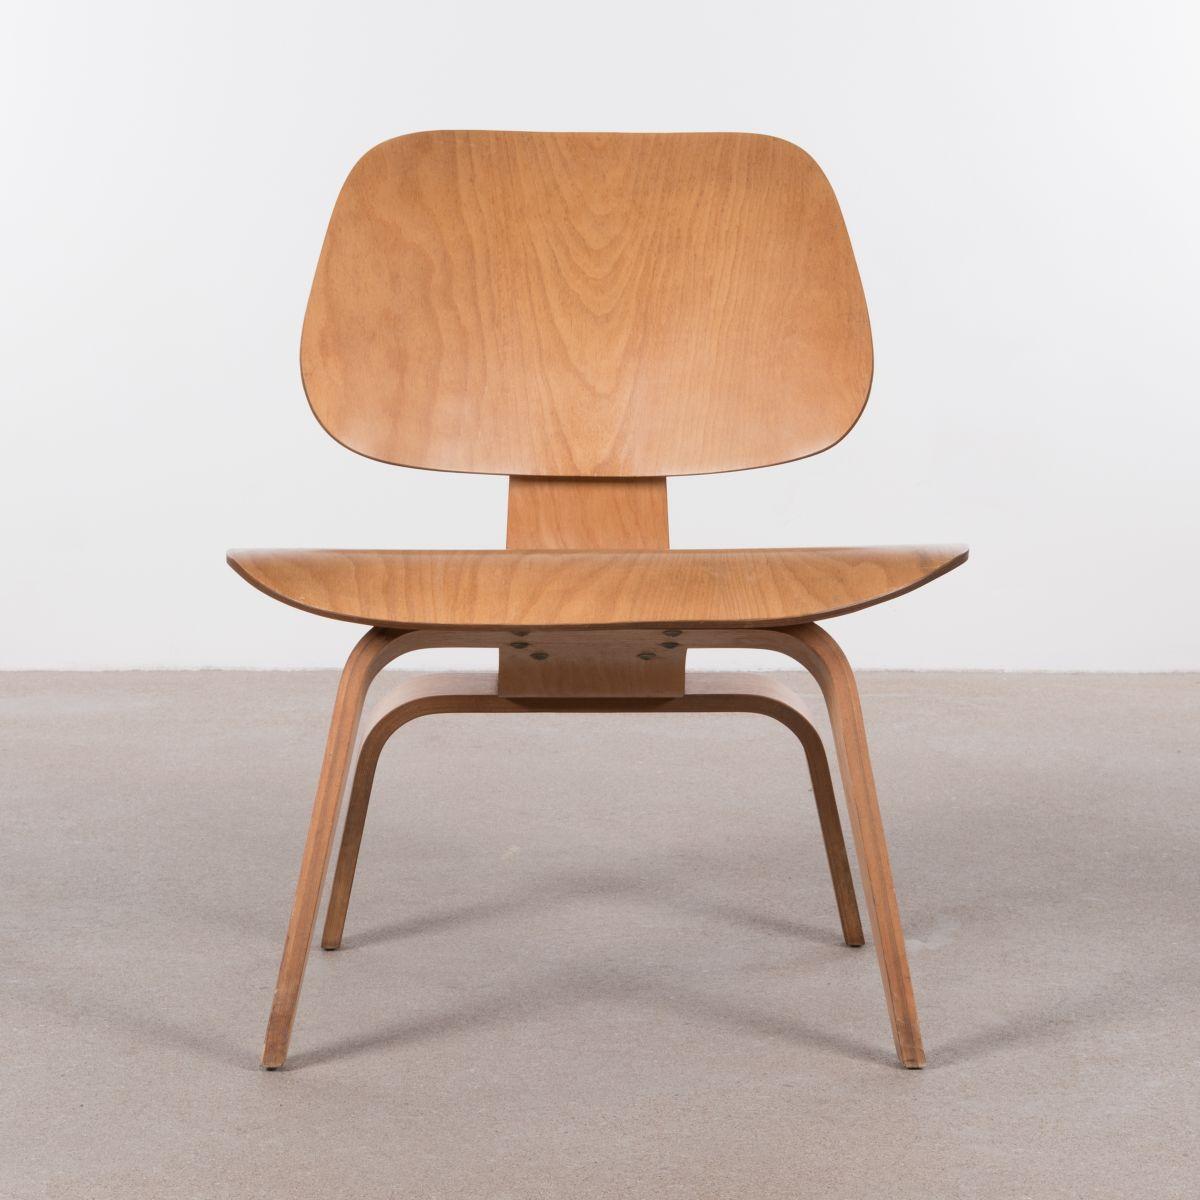 amerikanischer lcw ahorn stuhl von charles ray eames f r herman miller 1950er bei pamono kaufen. Black Bedroom Furniture Sets. Home Design Ideas